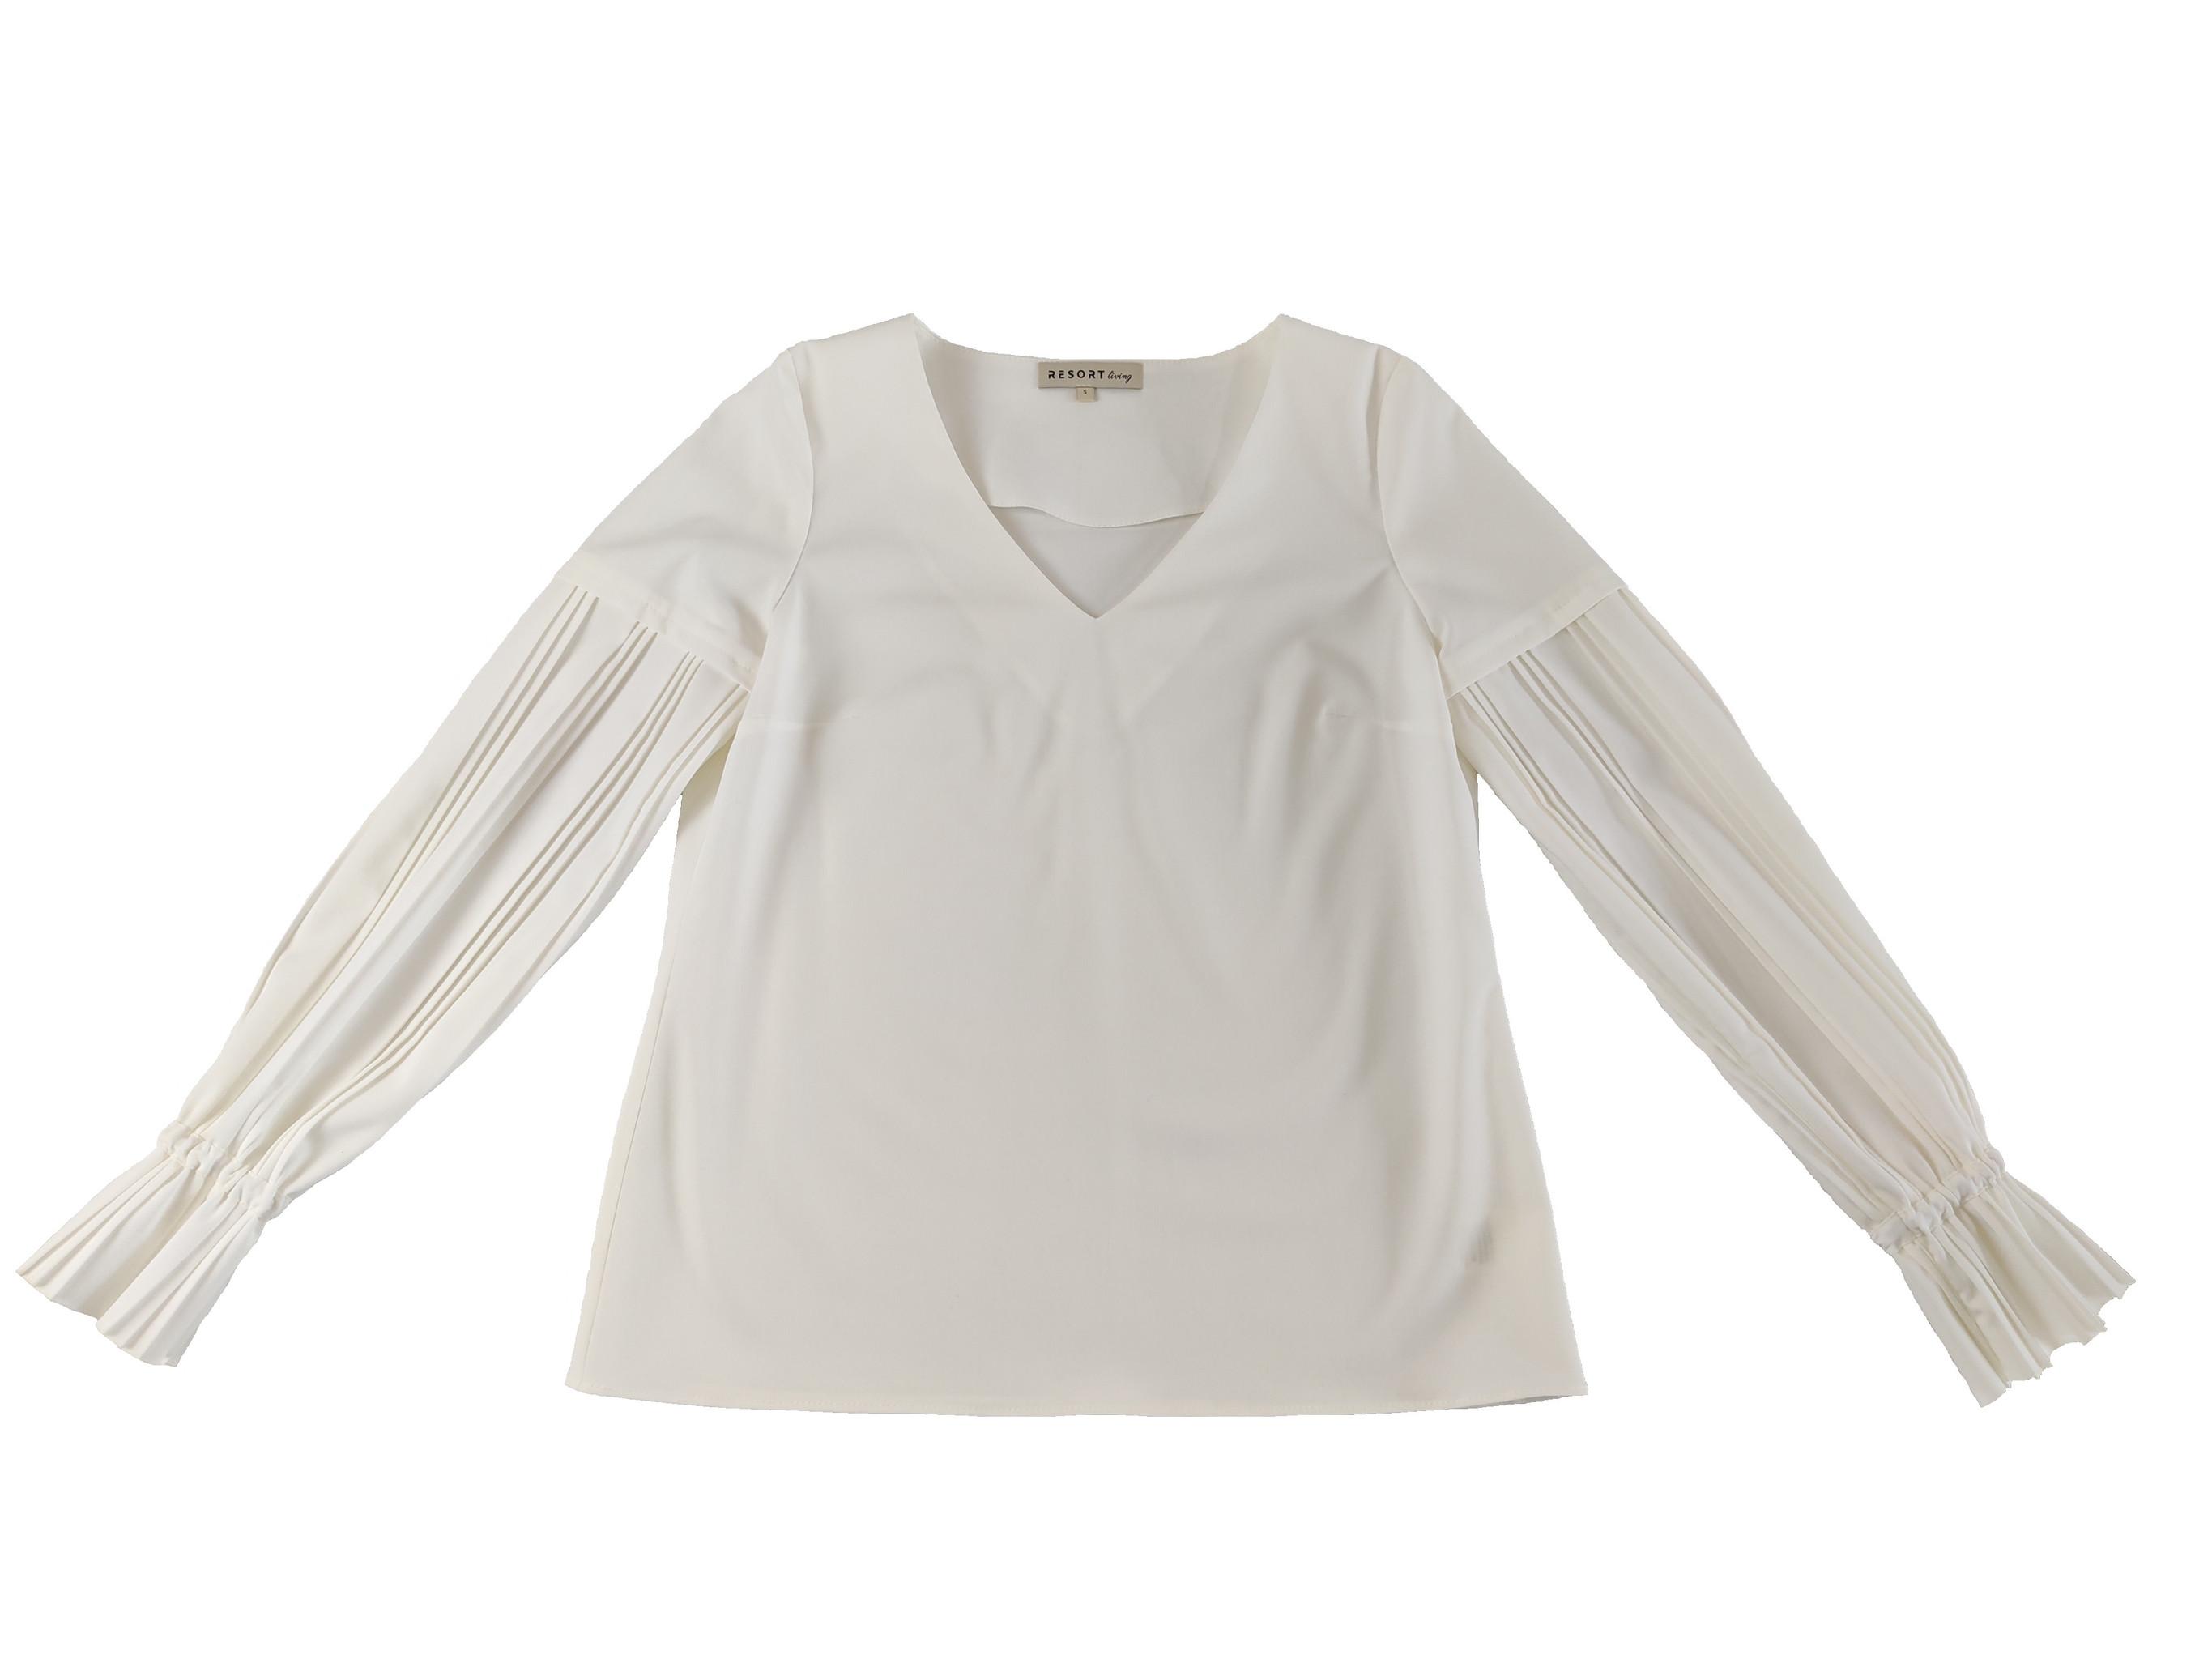 bluzka z plisowanymi rękawami biała - Resort Living